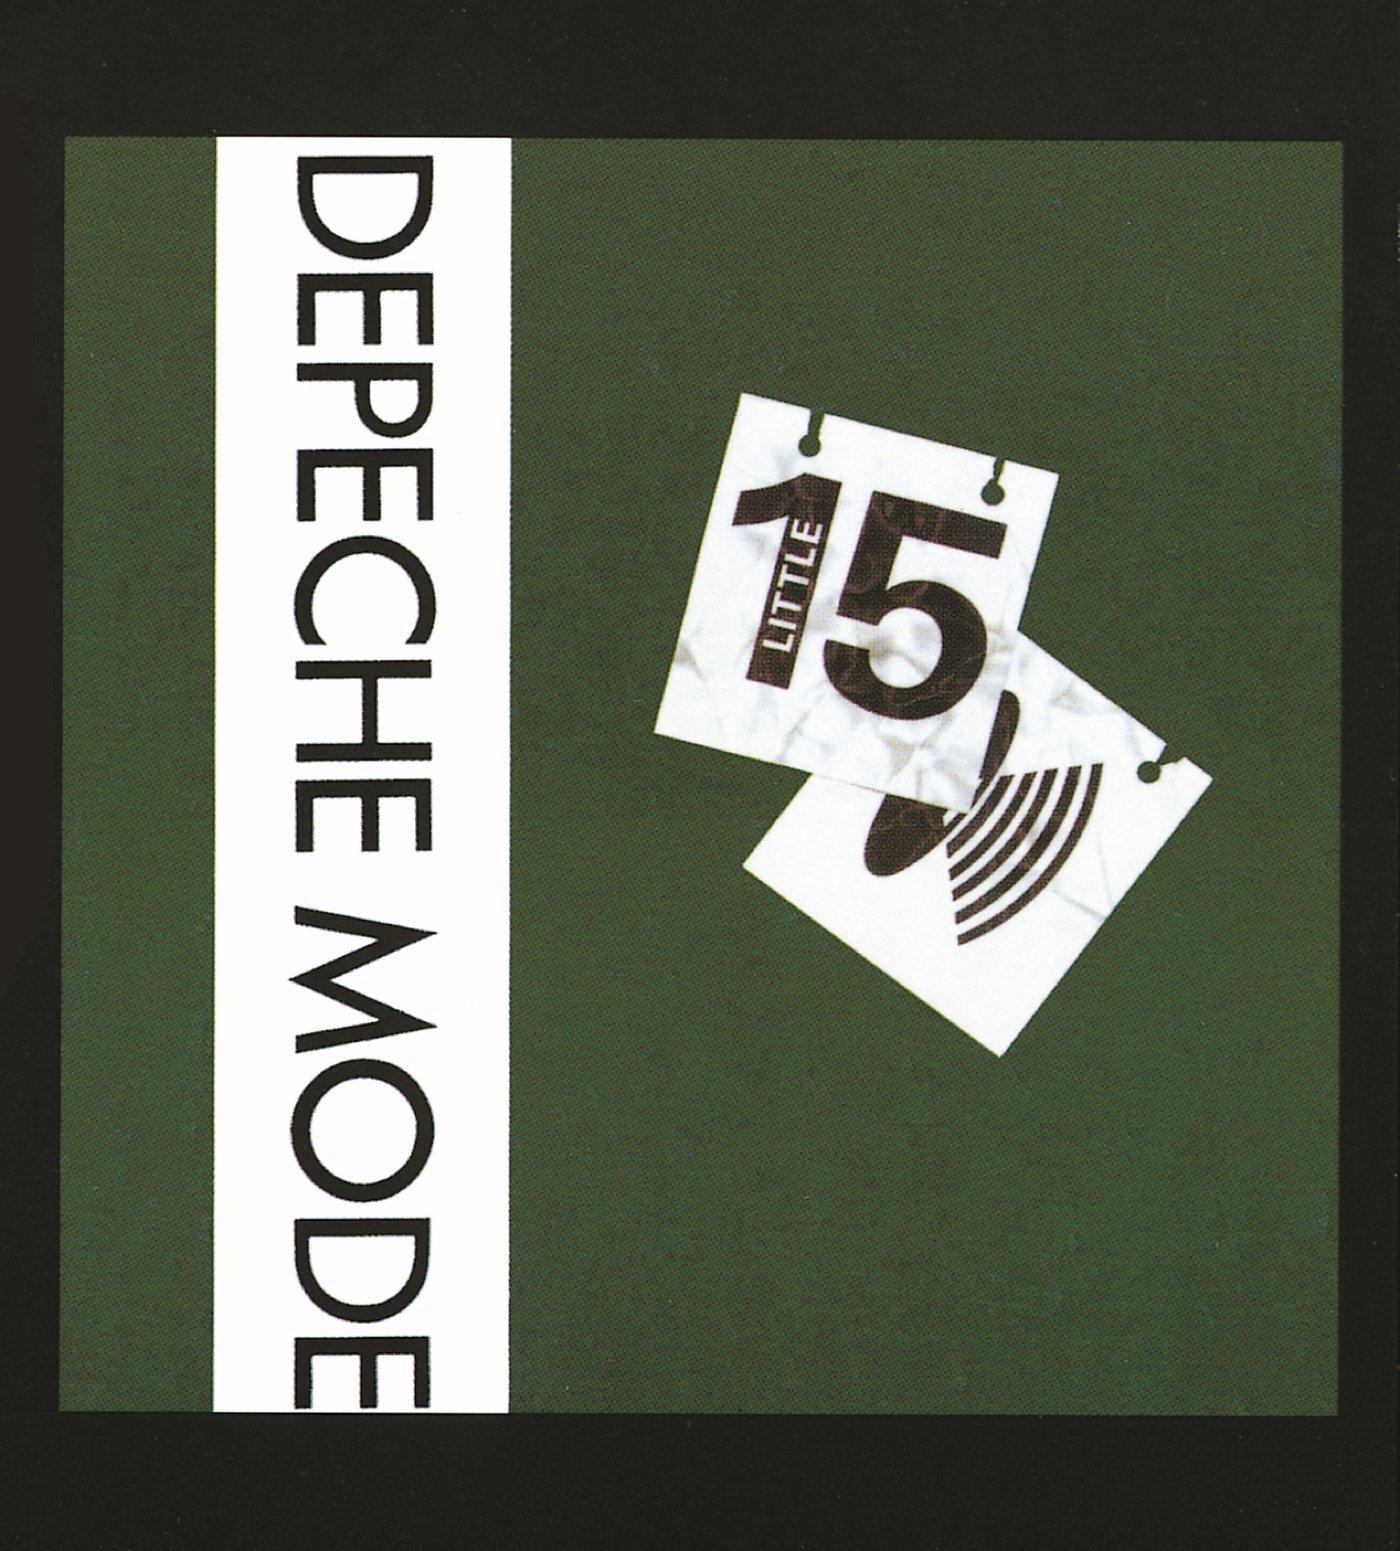 Depeche Mode-Little 15-Reissue-CDS-FLAC-1996-6DM